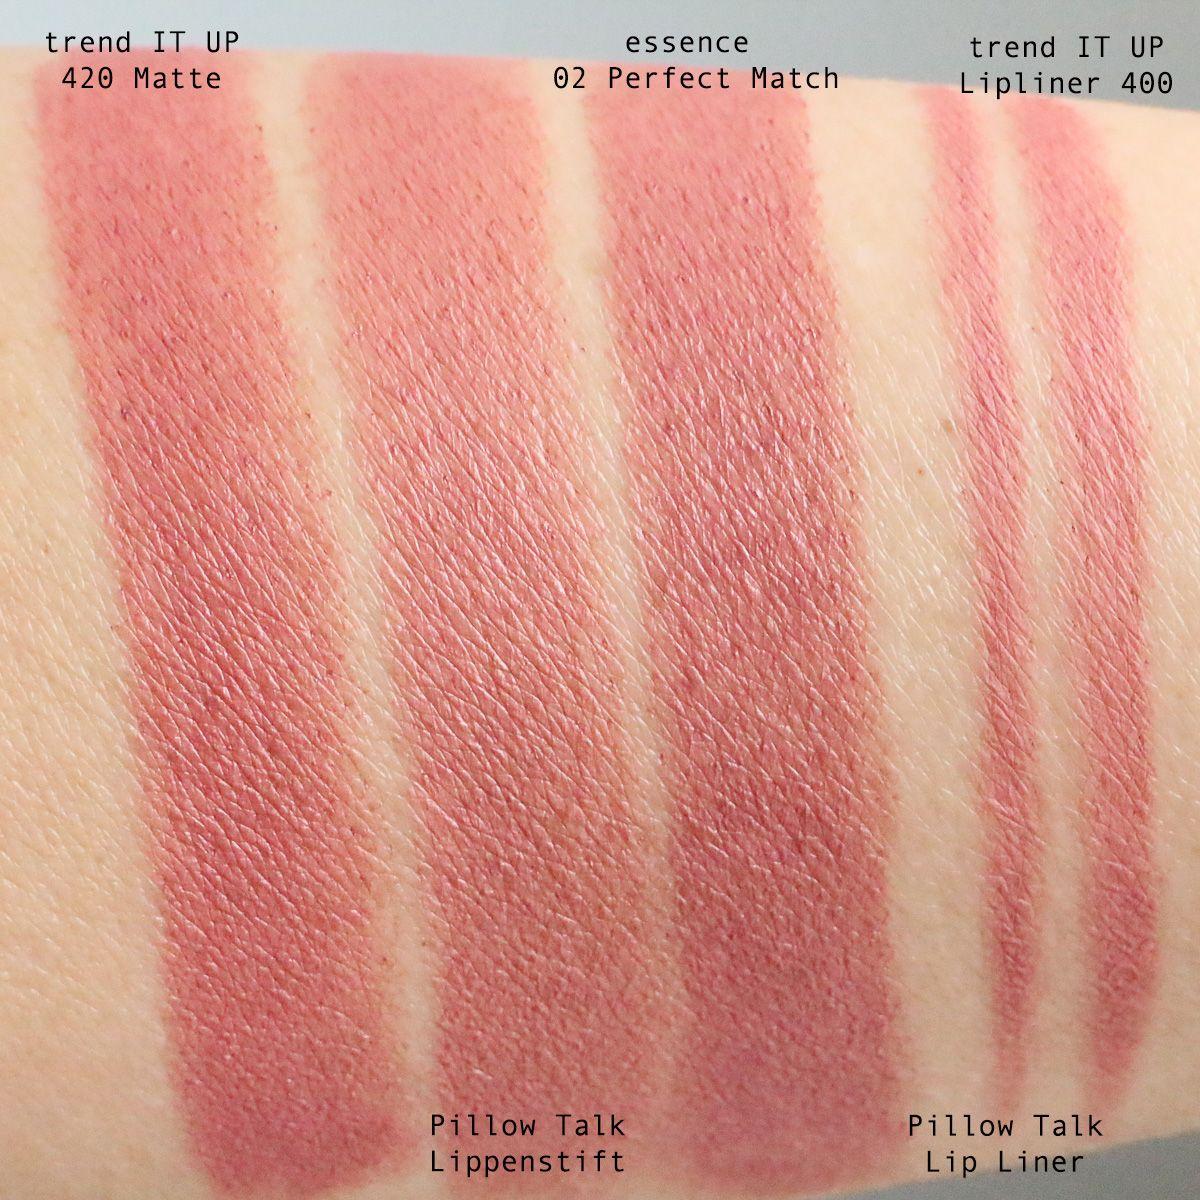 Pin On Charlotte Tillbury Pillow Talk Lipstick Dupes